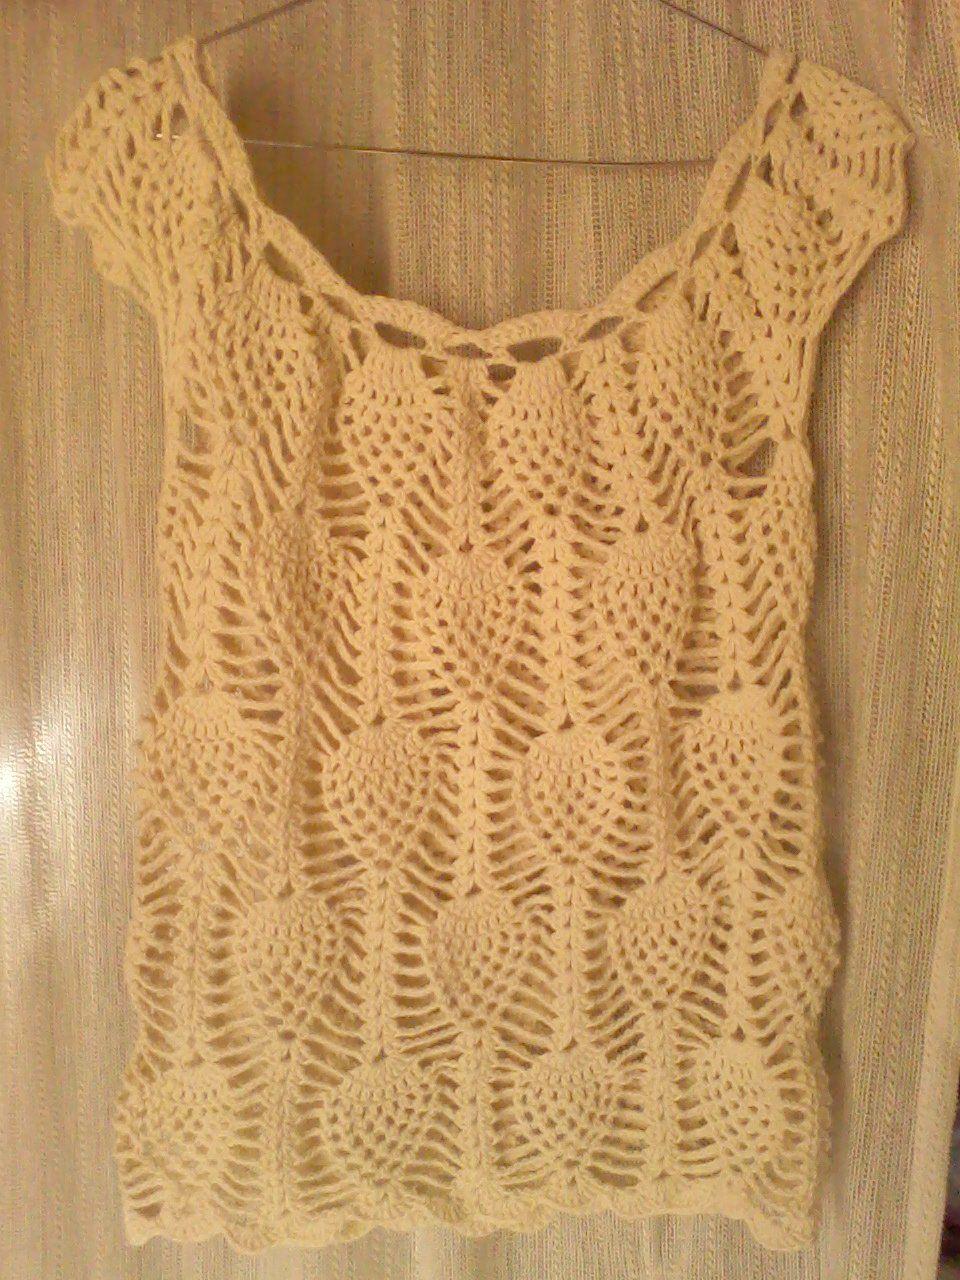 Acá les muestro otro modelo de remeras caladas a crochet para despedir al  verano  Y este es el patrón que pude escanear por fin 5eccb782d7b28